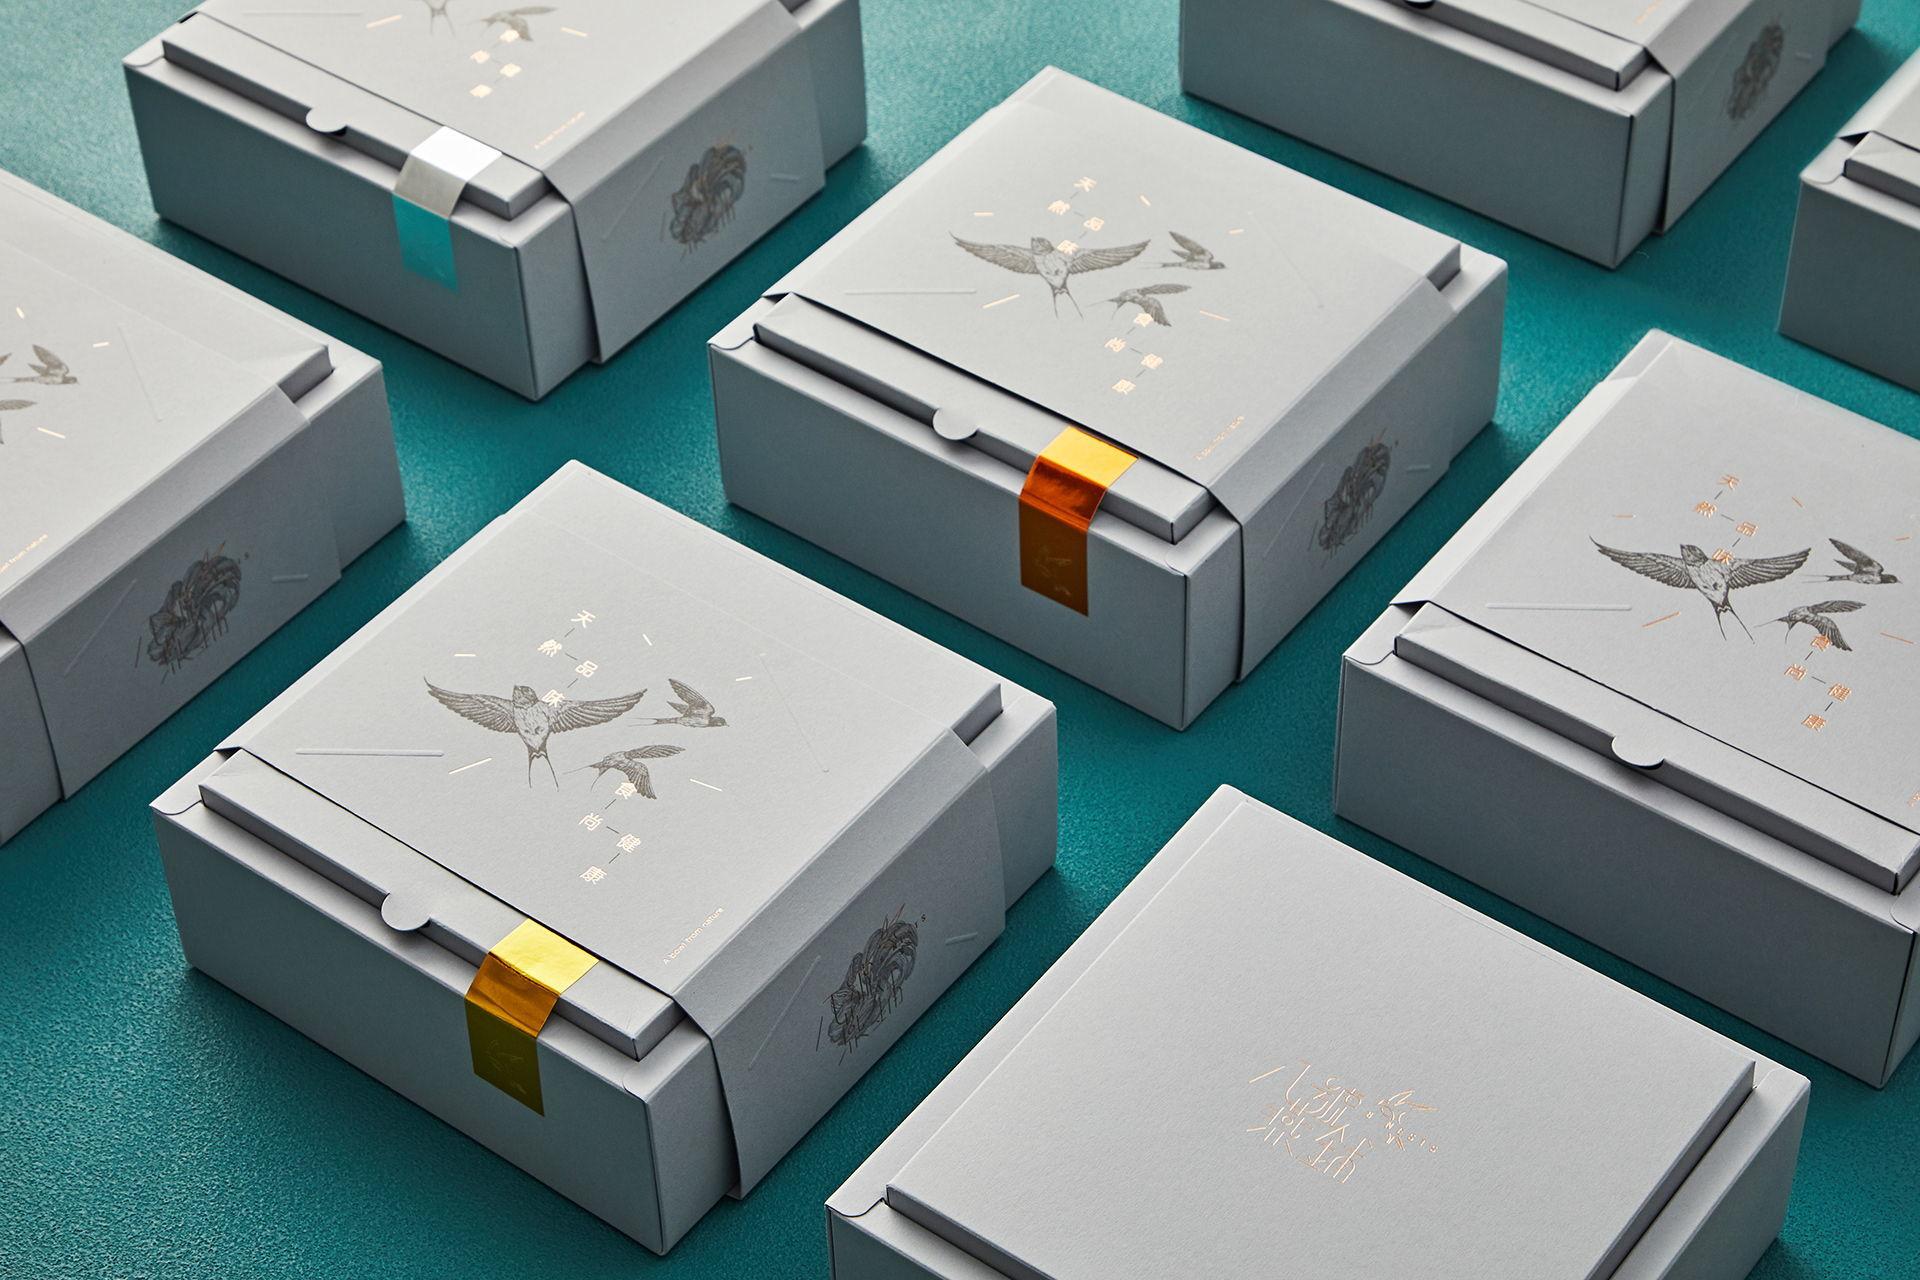 Đầu tư in hộp yến sẽ giúp nâng cao giá trị sản phẩm